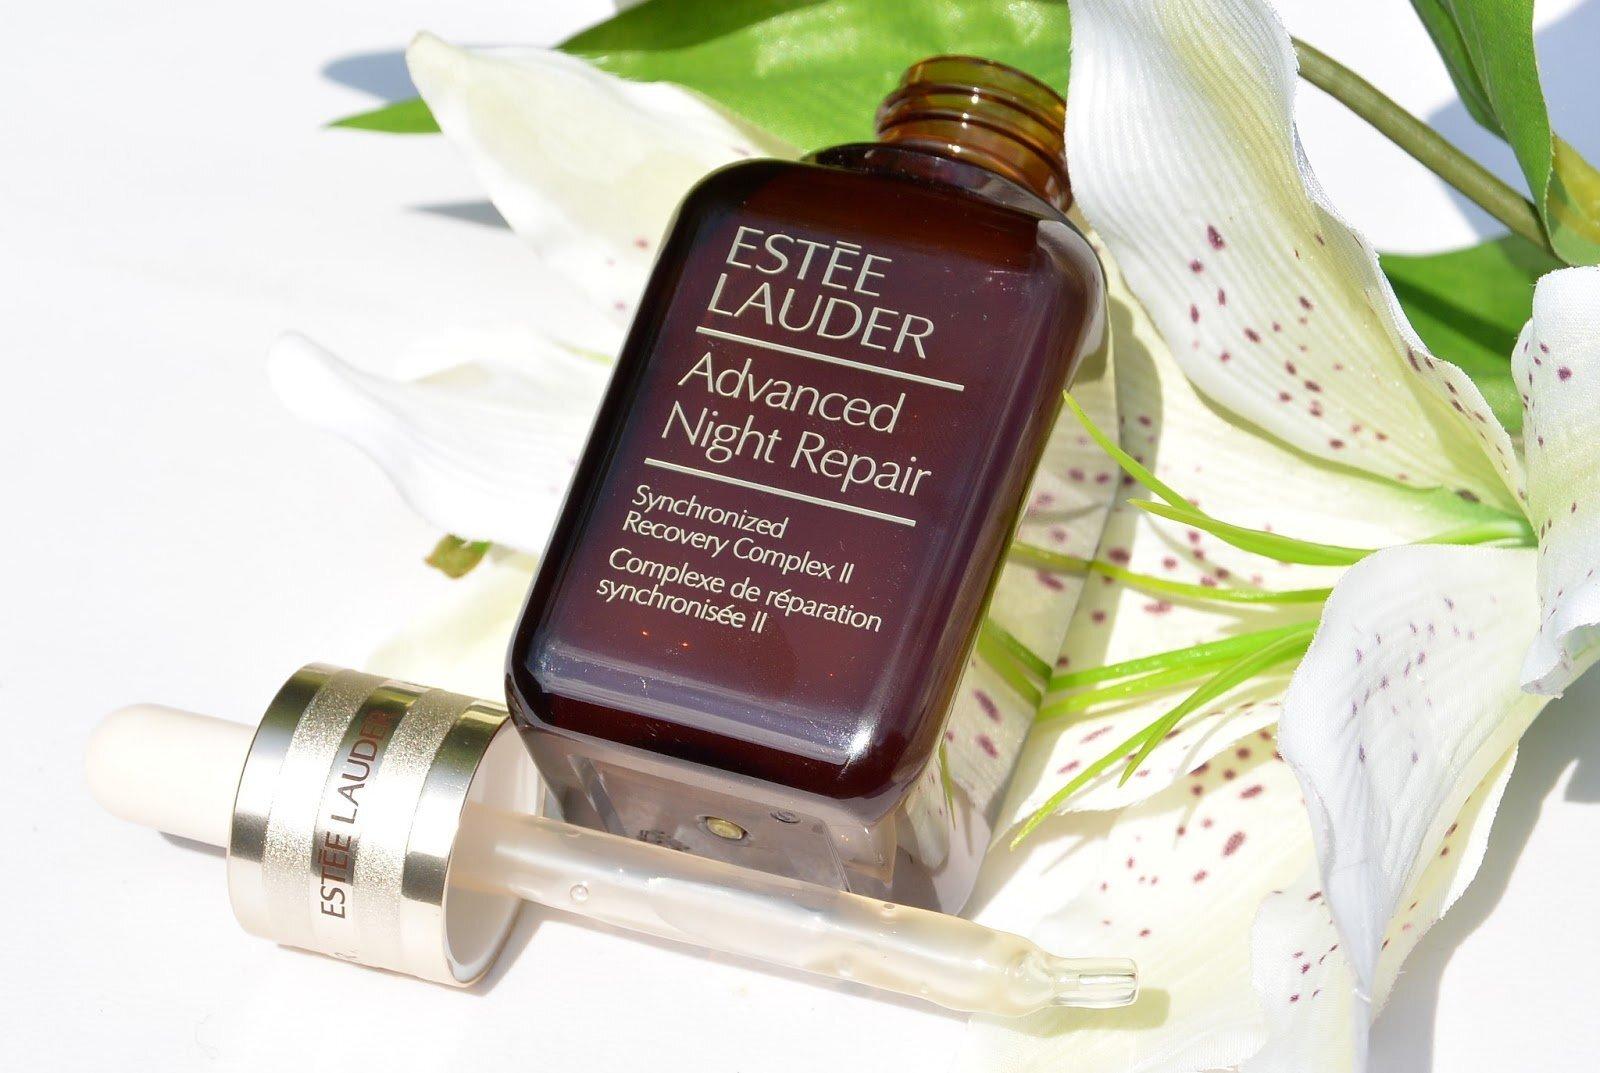 Kết hợp serum Estee Lauder Advanced Night repair và kem dưỡng da sẽ cho hiệu quả sử dụng ưu việt hơn